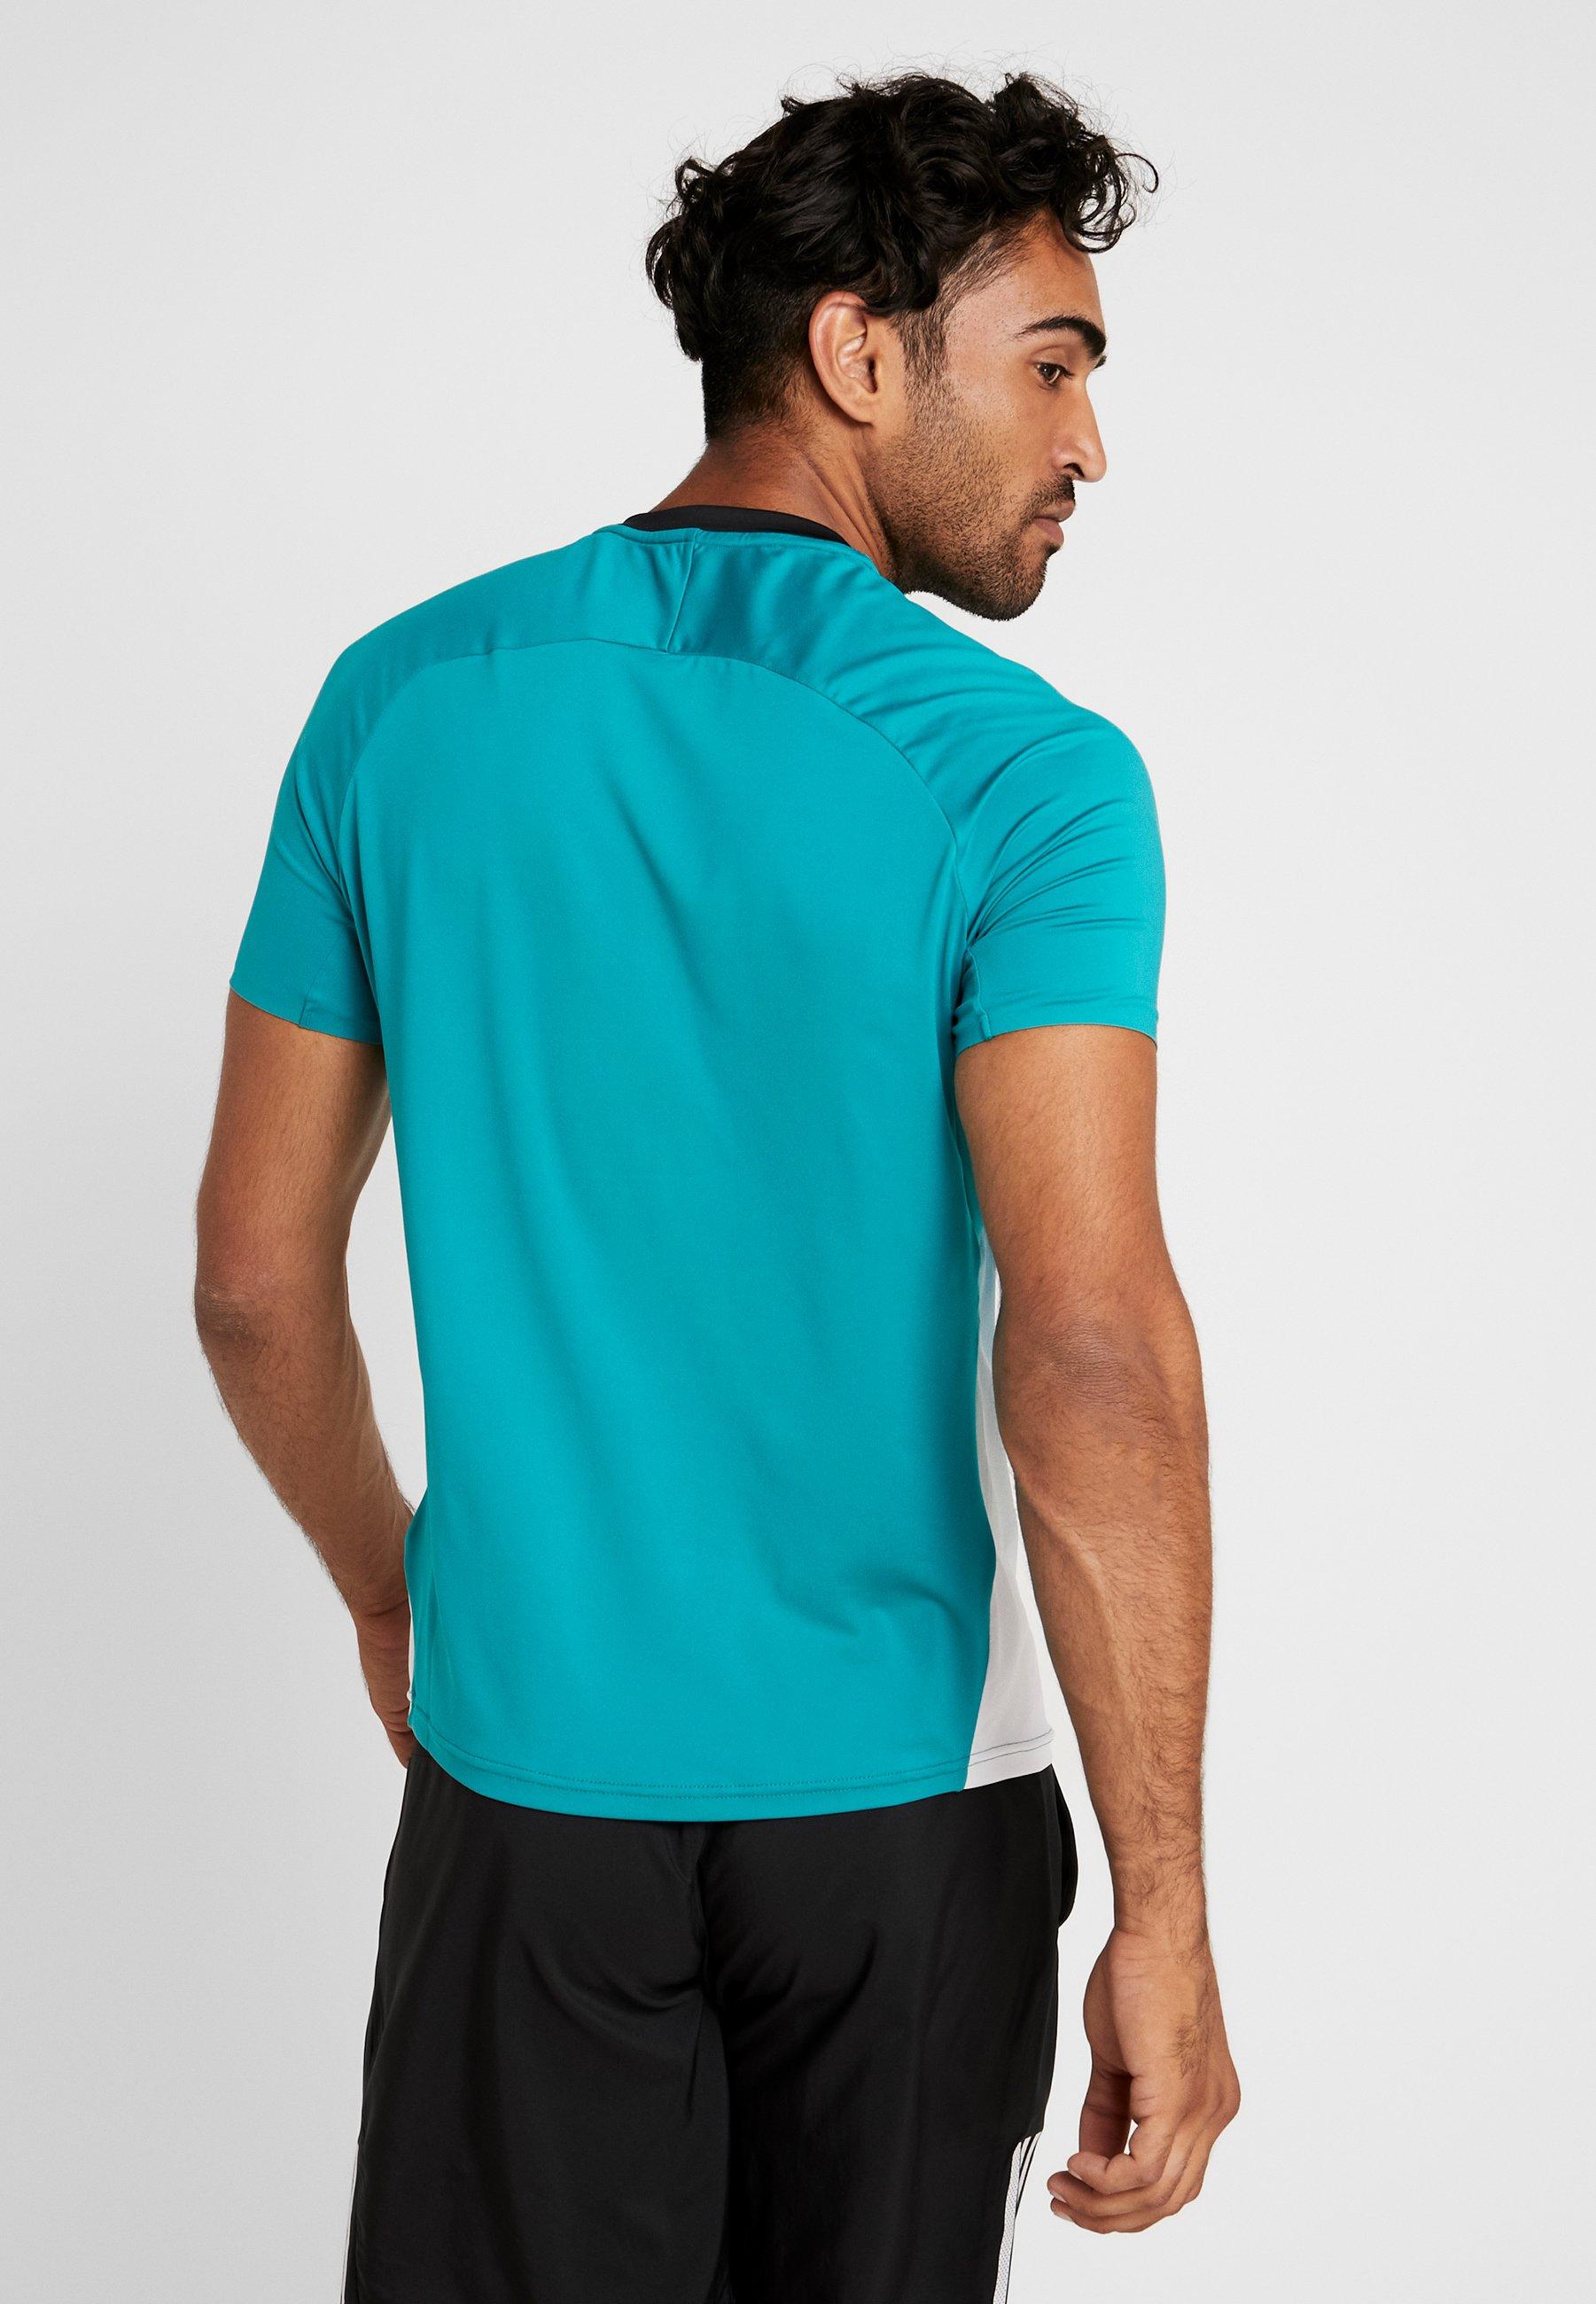 Grass Graphic blue shirt White Imprimé TeeT Mizuno Shadow wmN0v8n